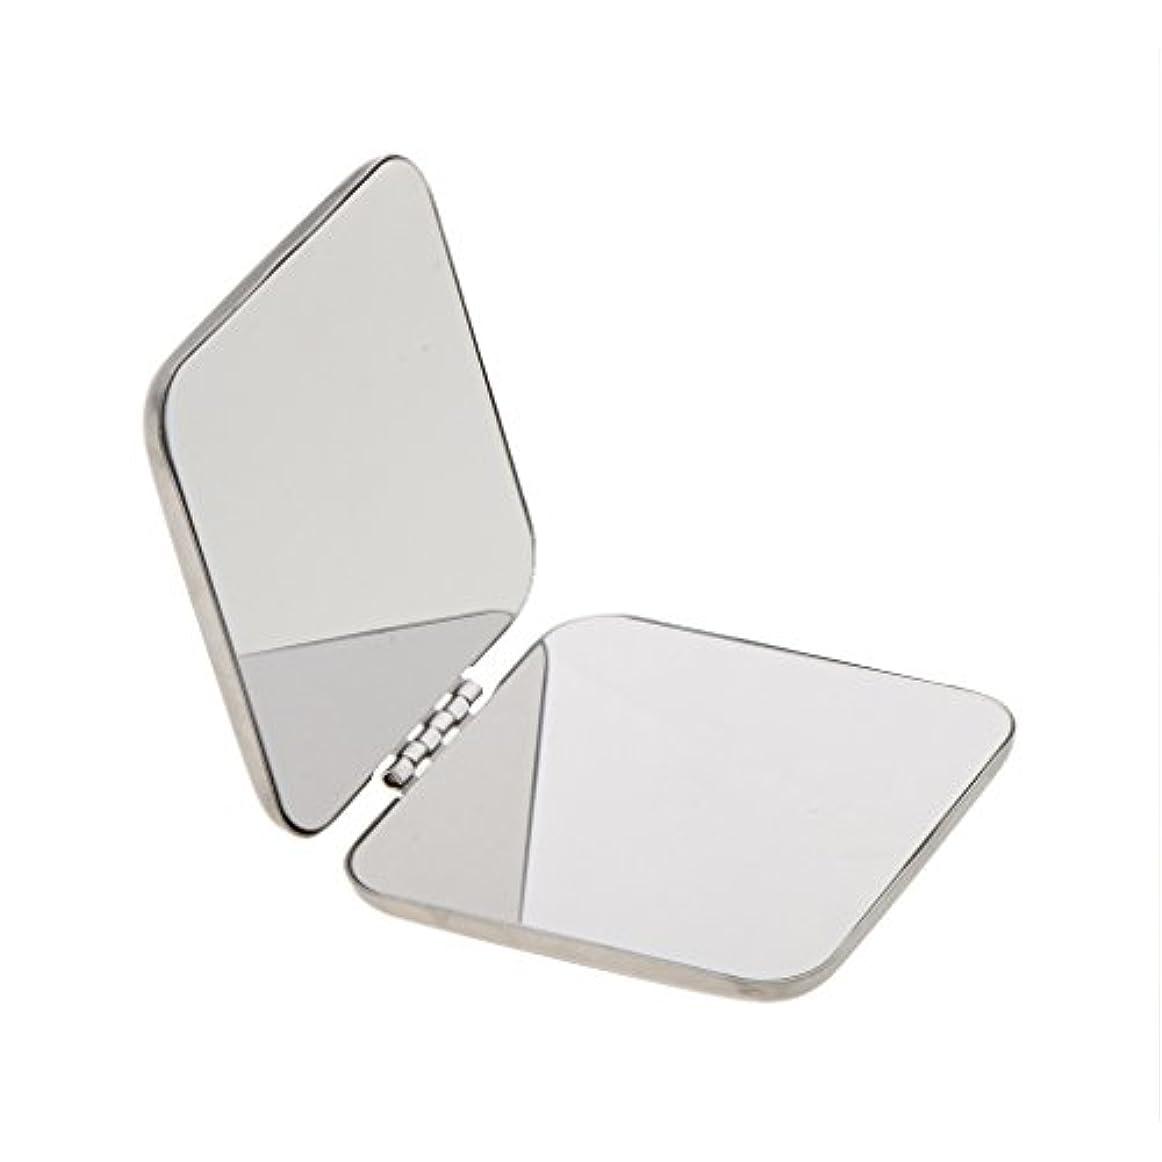 バッチ事業タブレットDYNWAVE コンパクトフルステンレススチールコスメティックハンドバッグメイクミラー拡大鏡